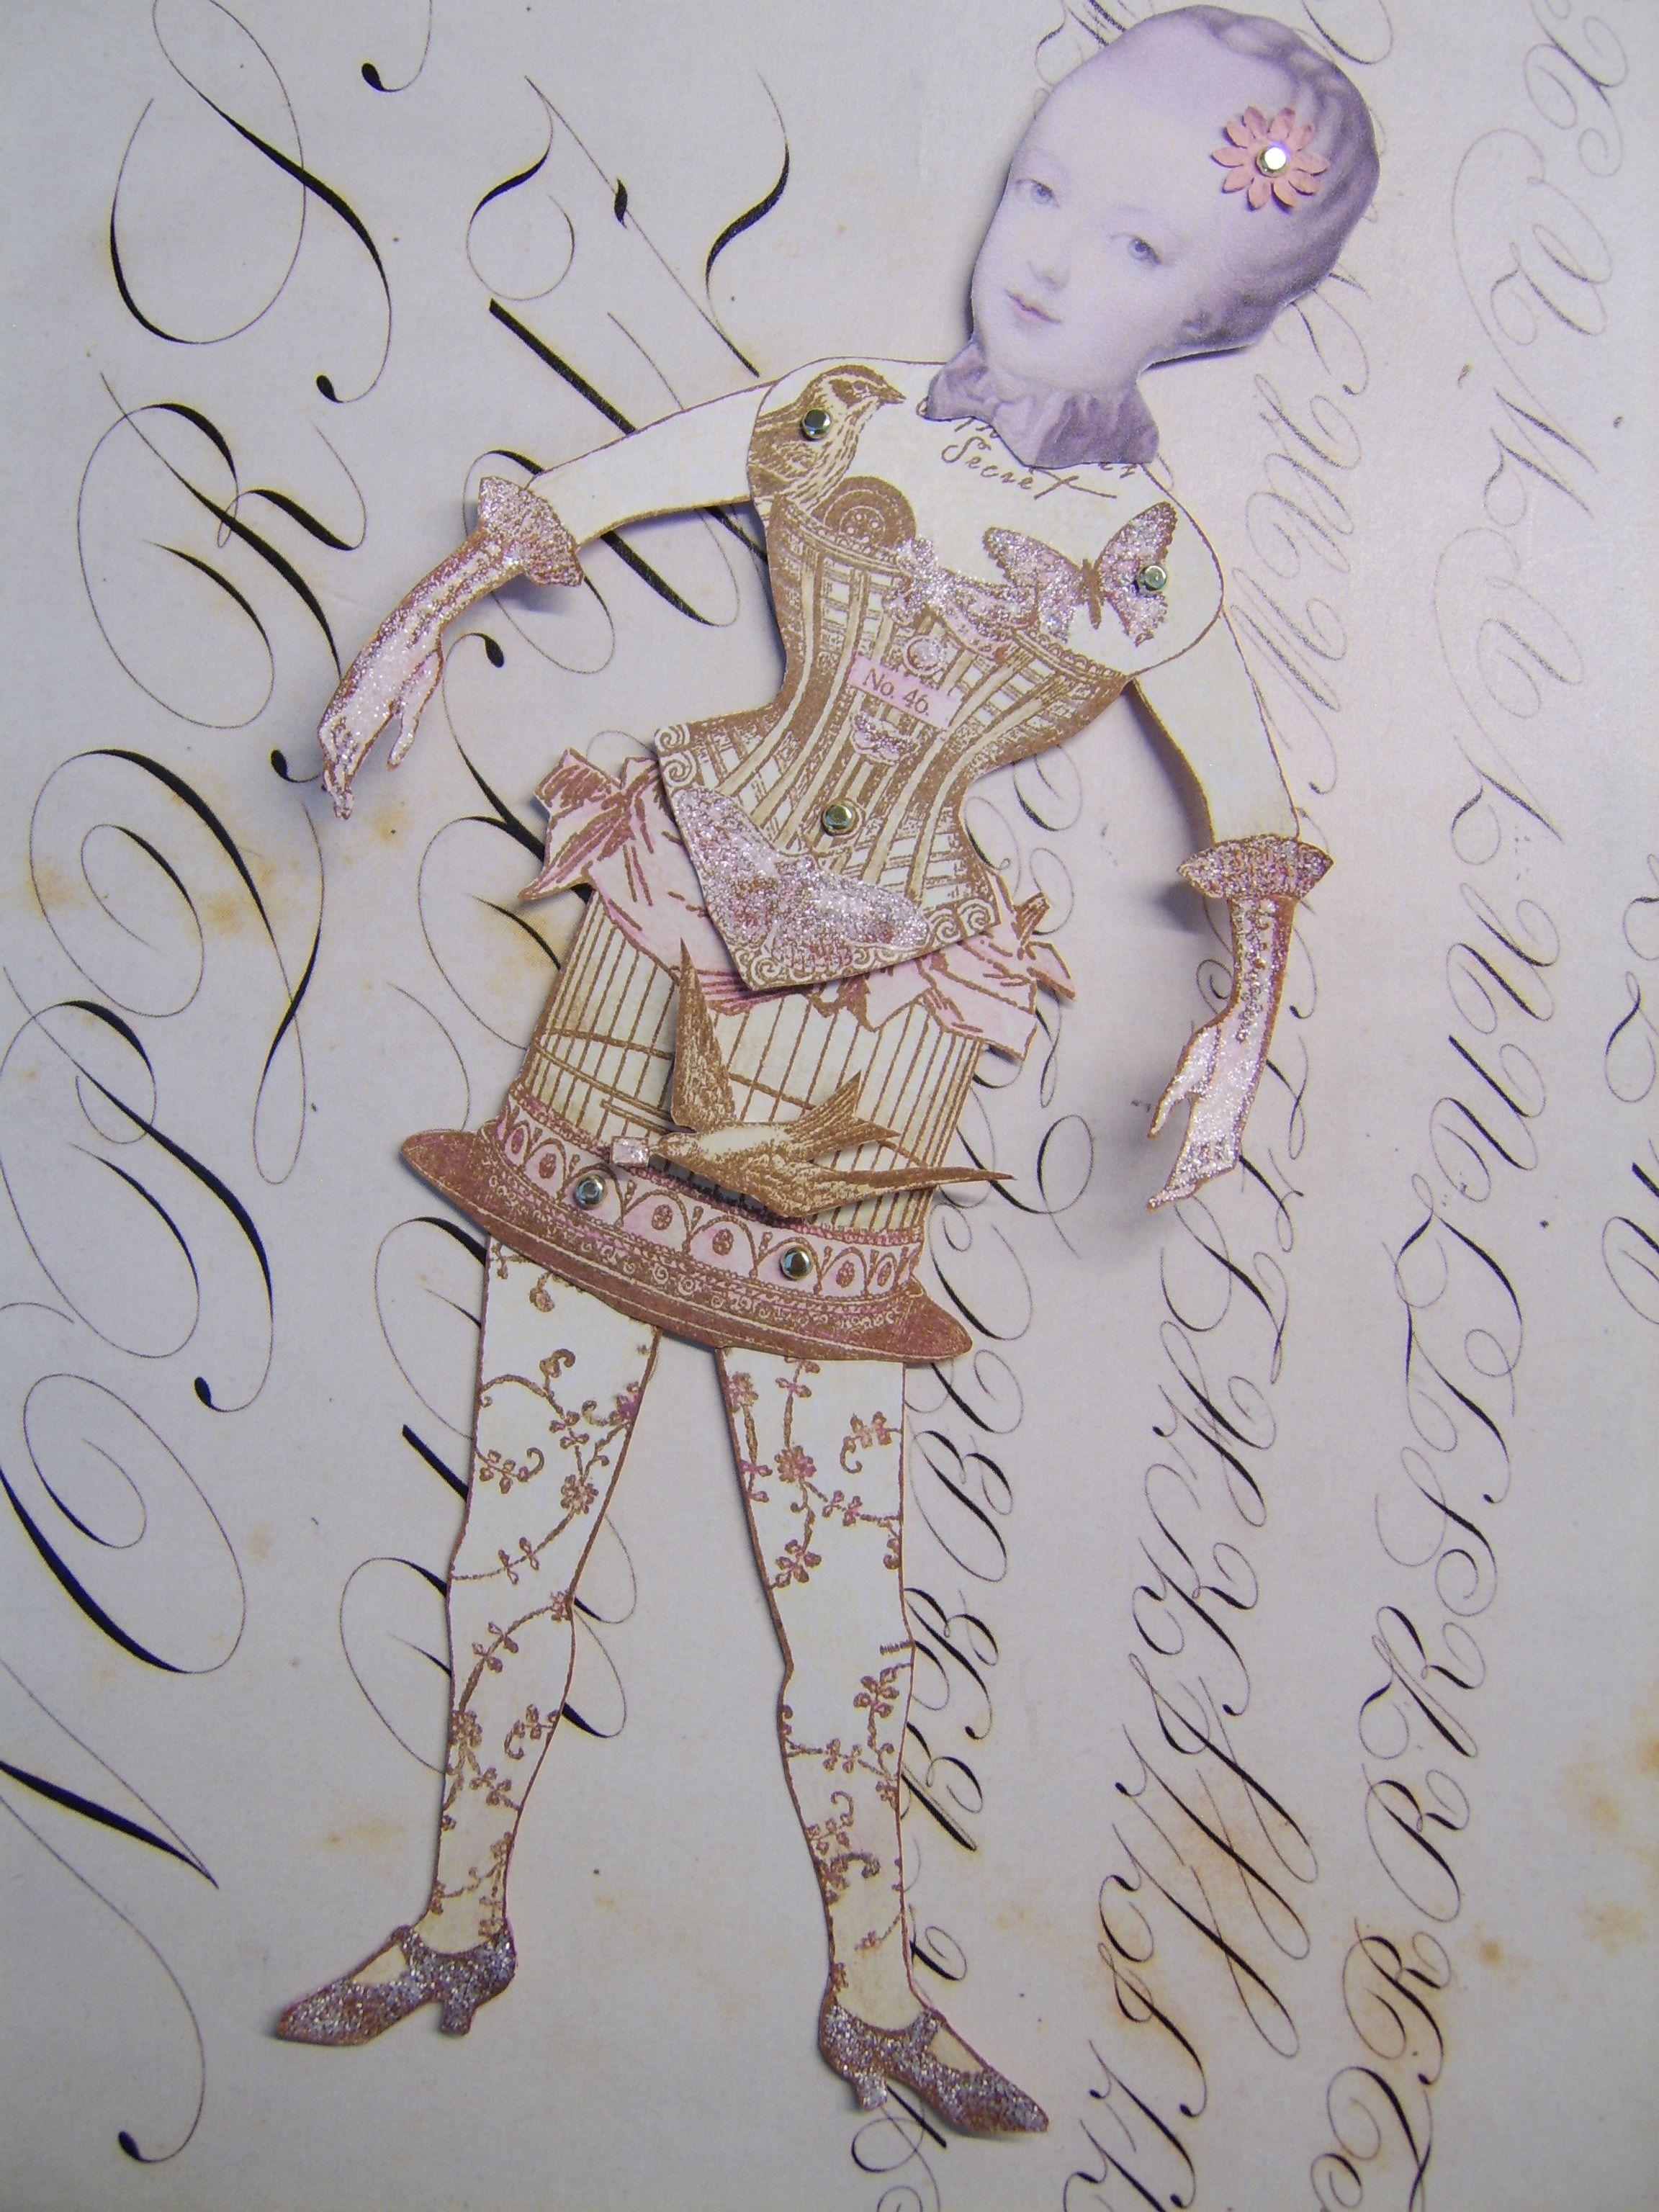 Made by Nancy Dooren.